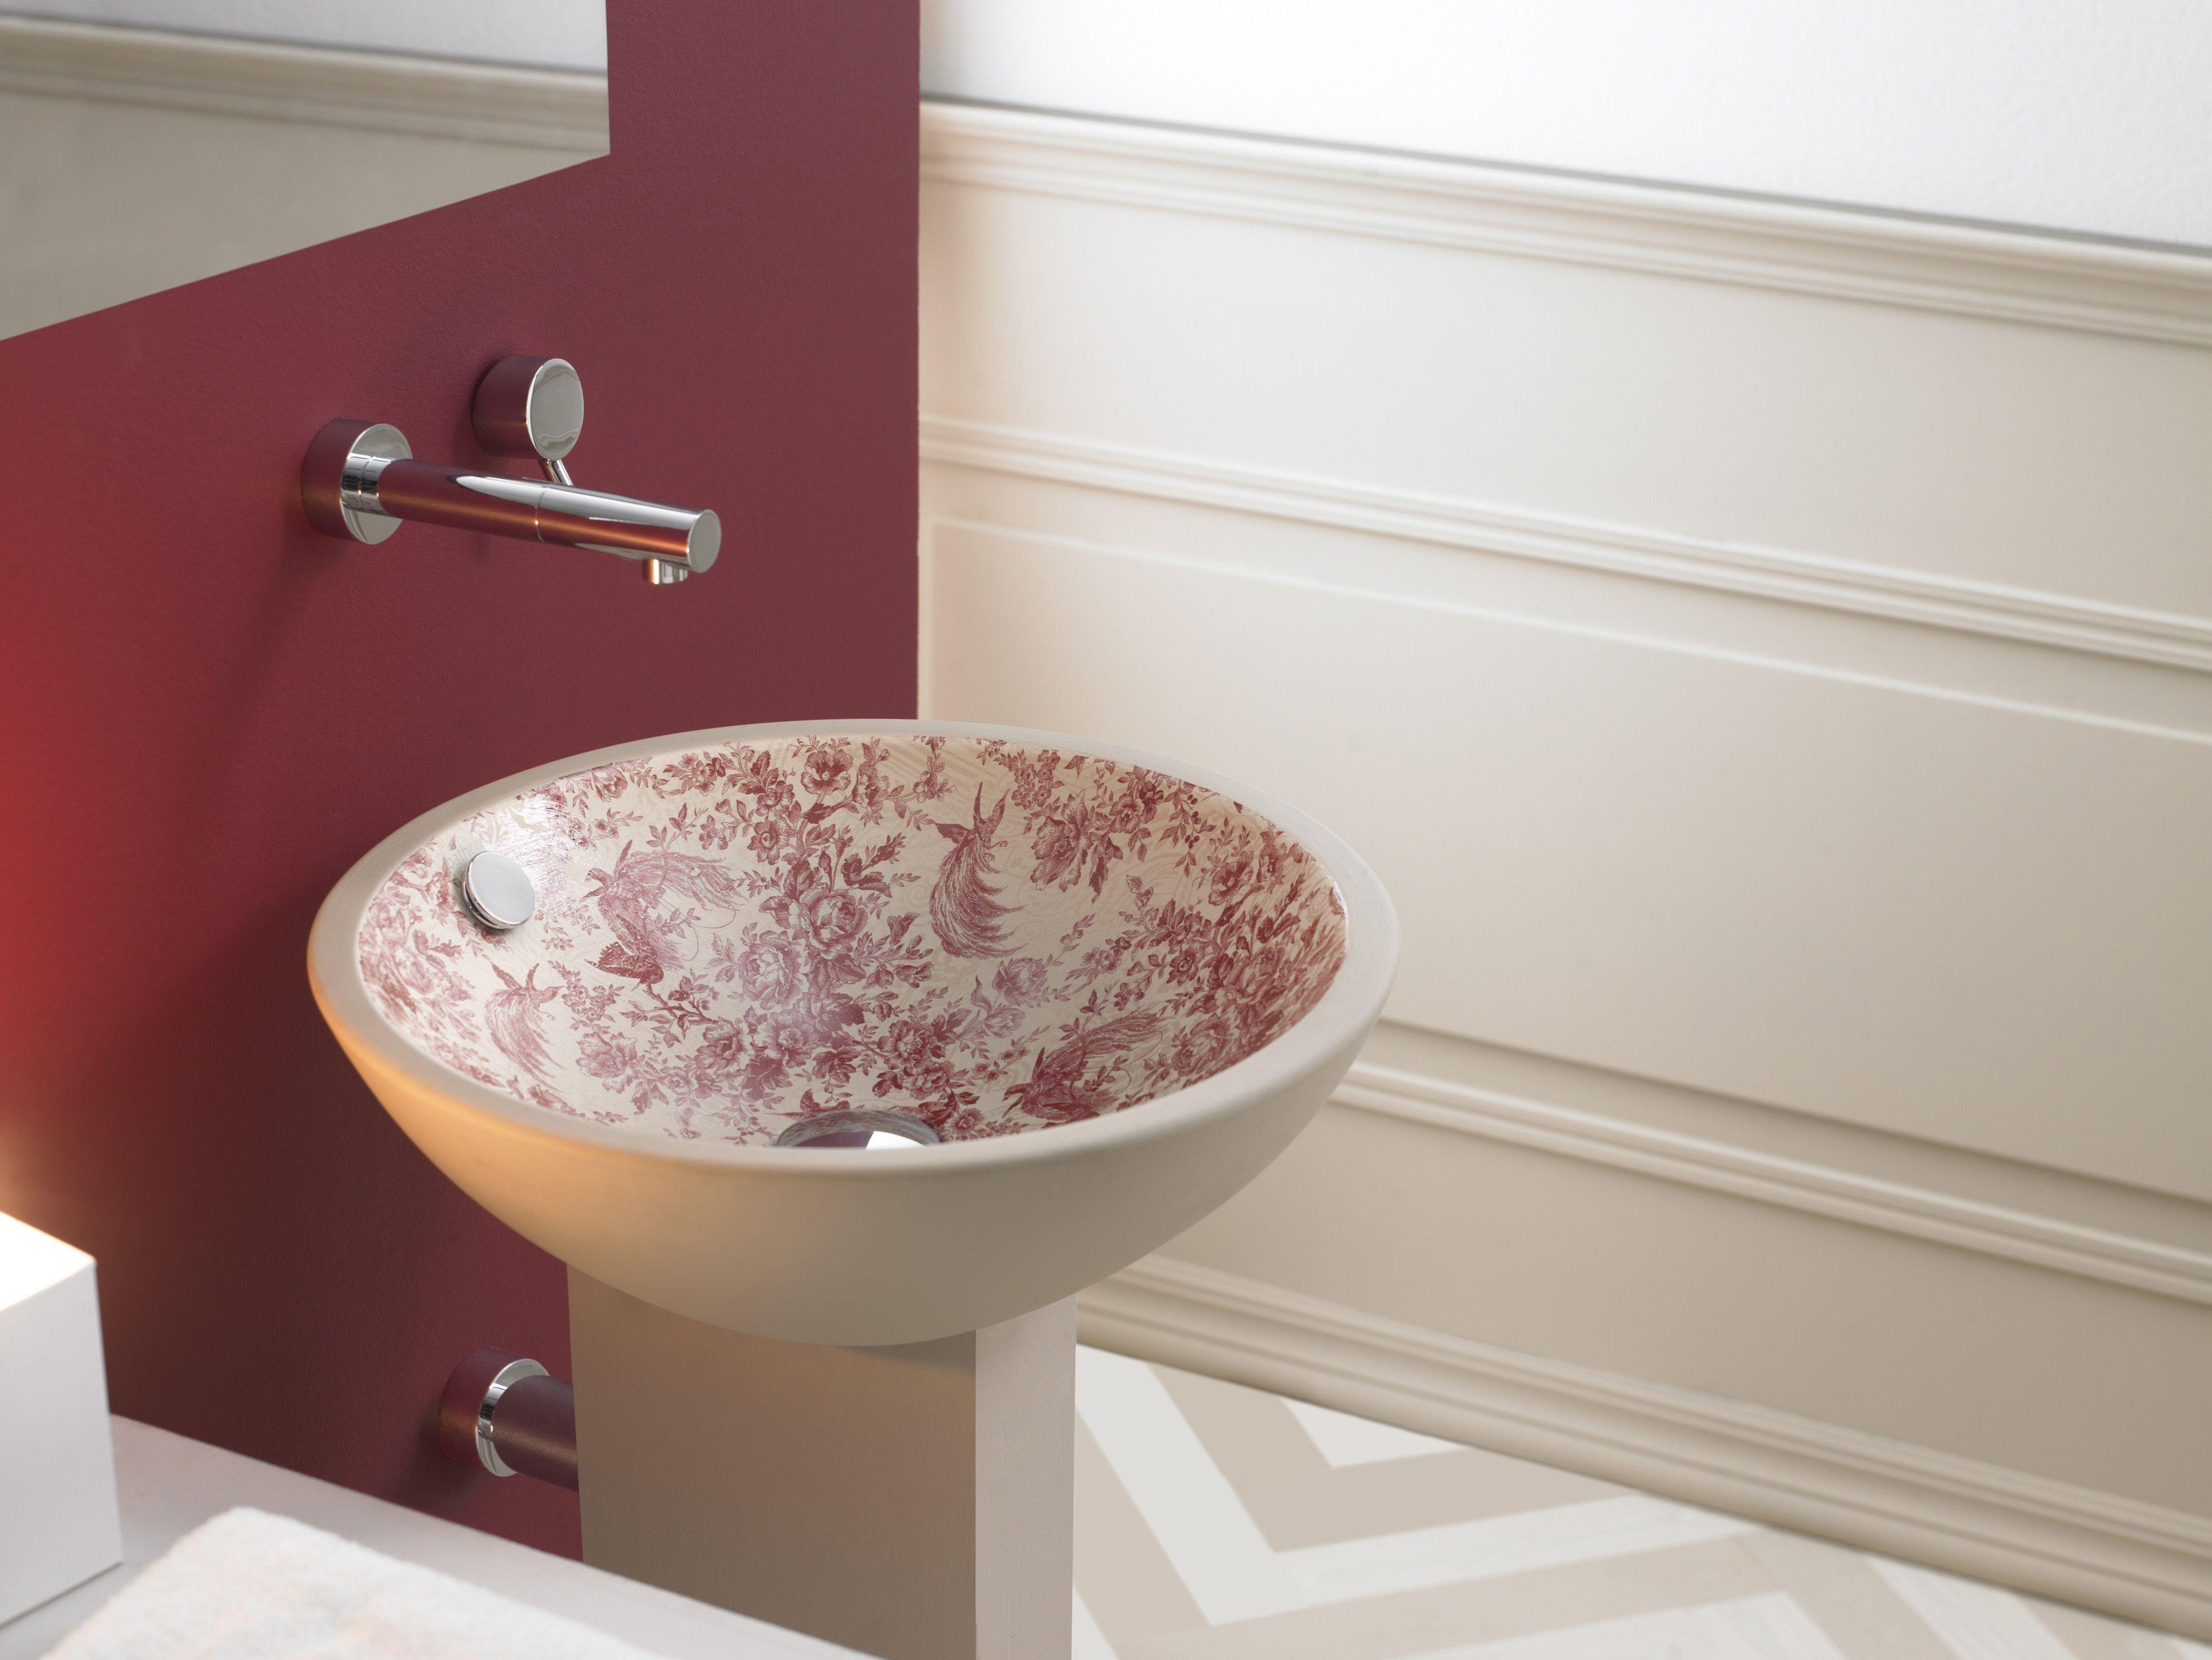 lavabo vintage acabado natural decorado toile de jouy rojo